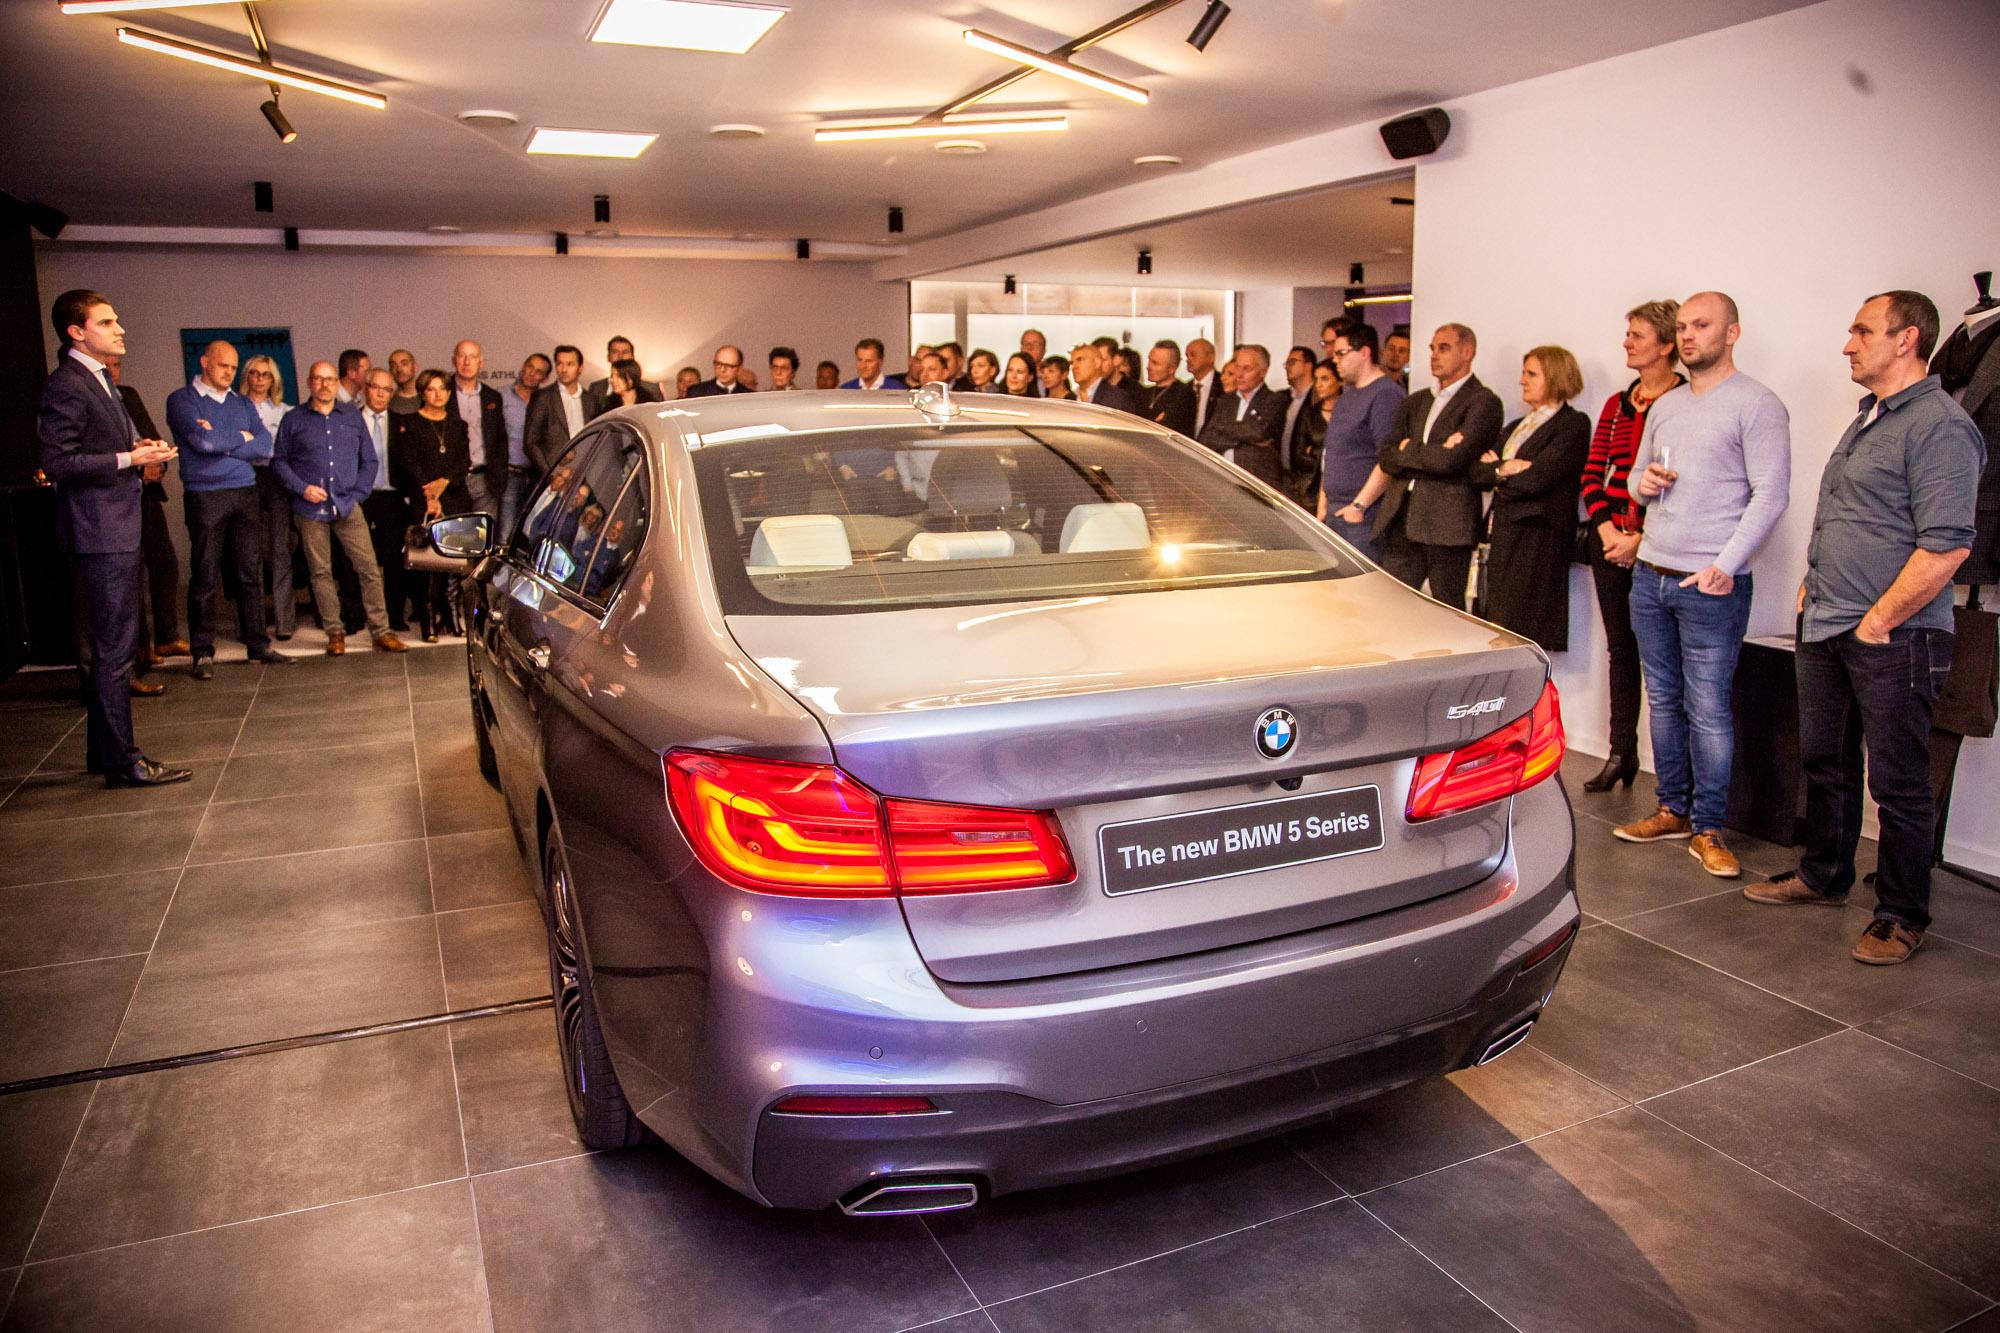 STERCK_lancering BMW 5-111.jpg